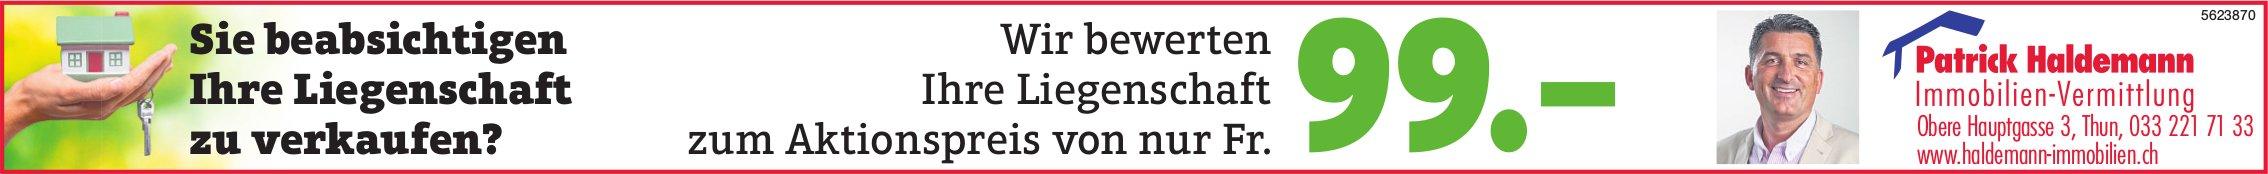 Patrick Haldemann, Immobilien-Vermittlung, Thun